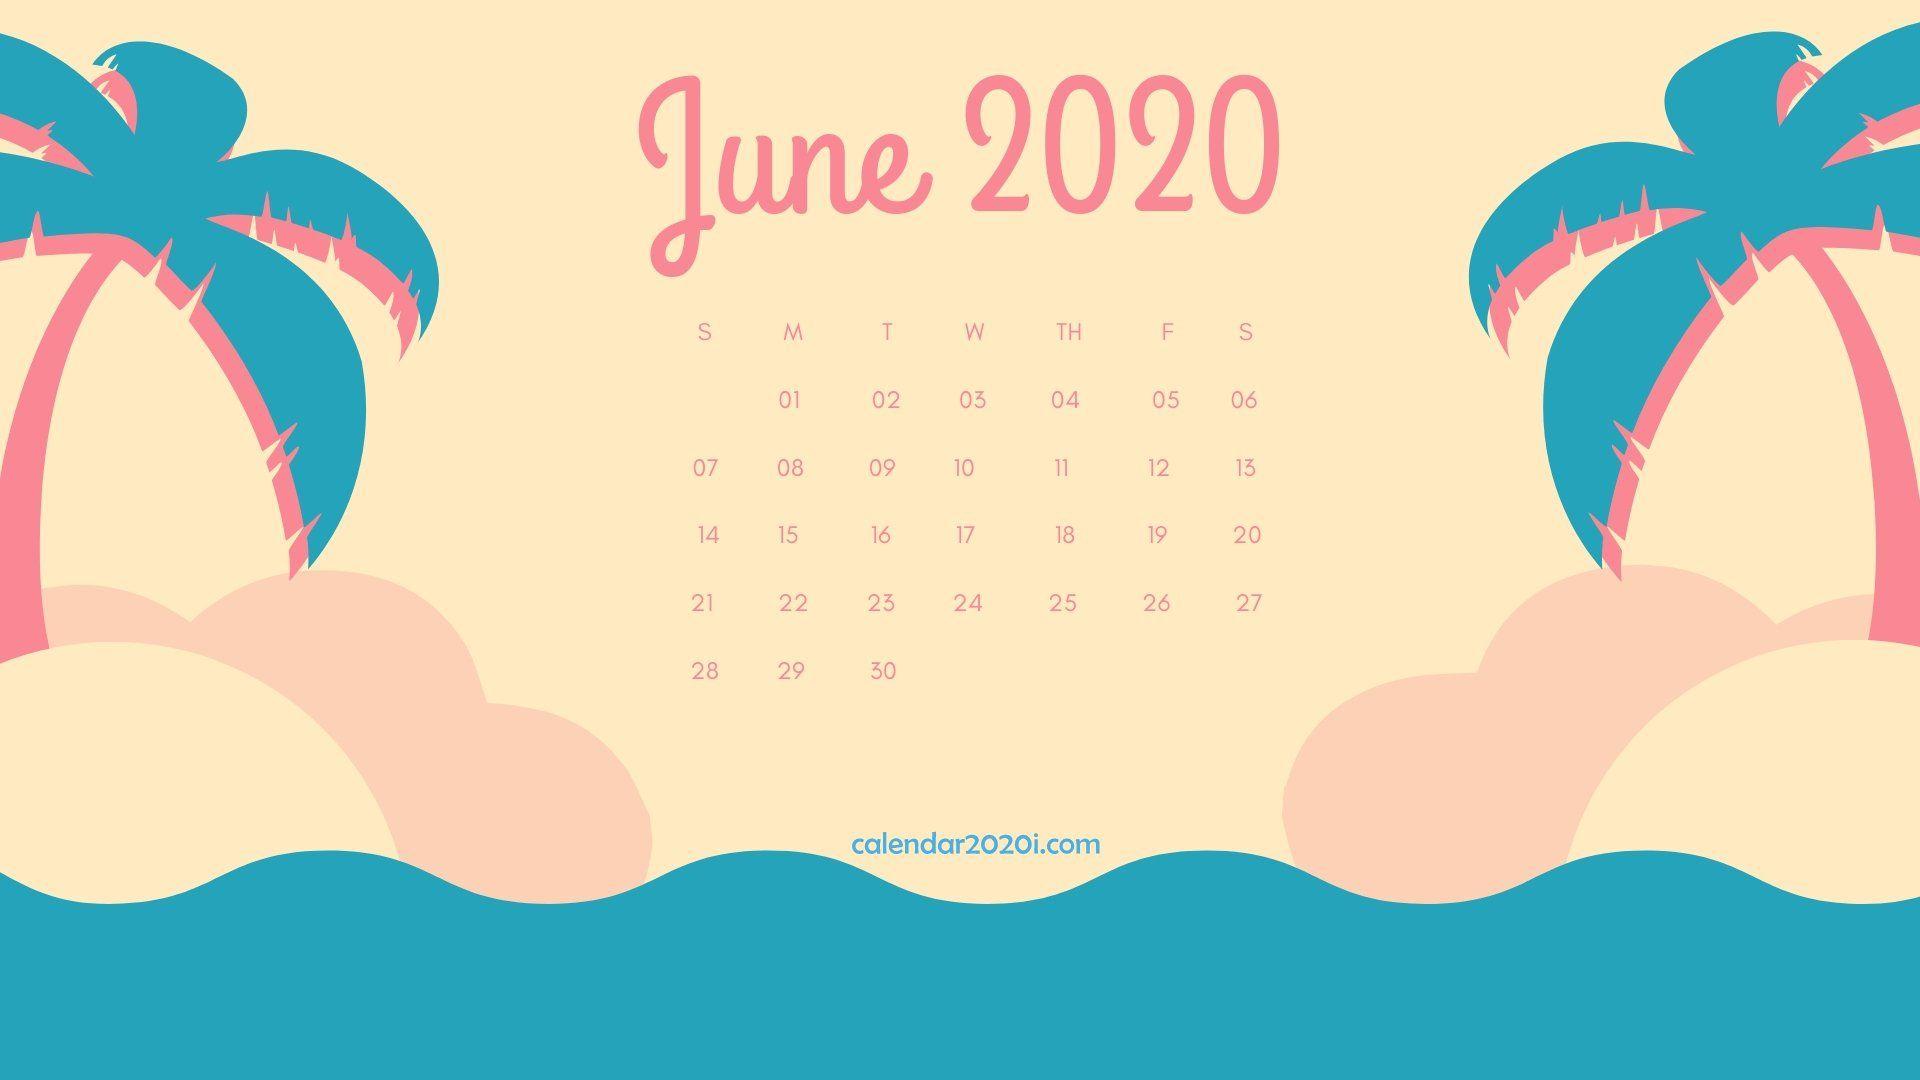 46] June 2020 Calendar Wallpapers on WallpaperSafari 1920x1080